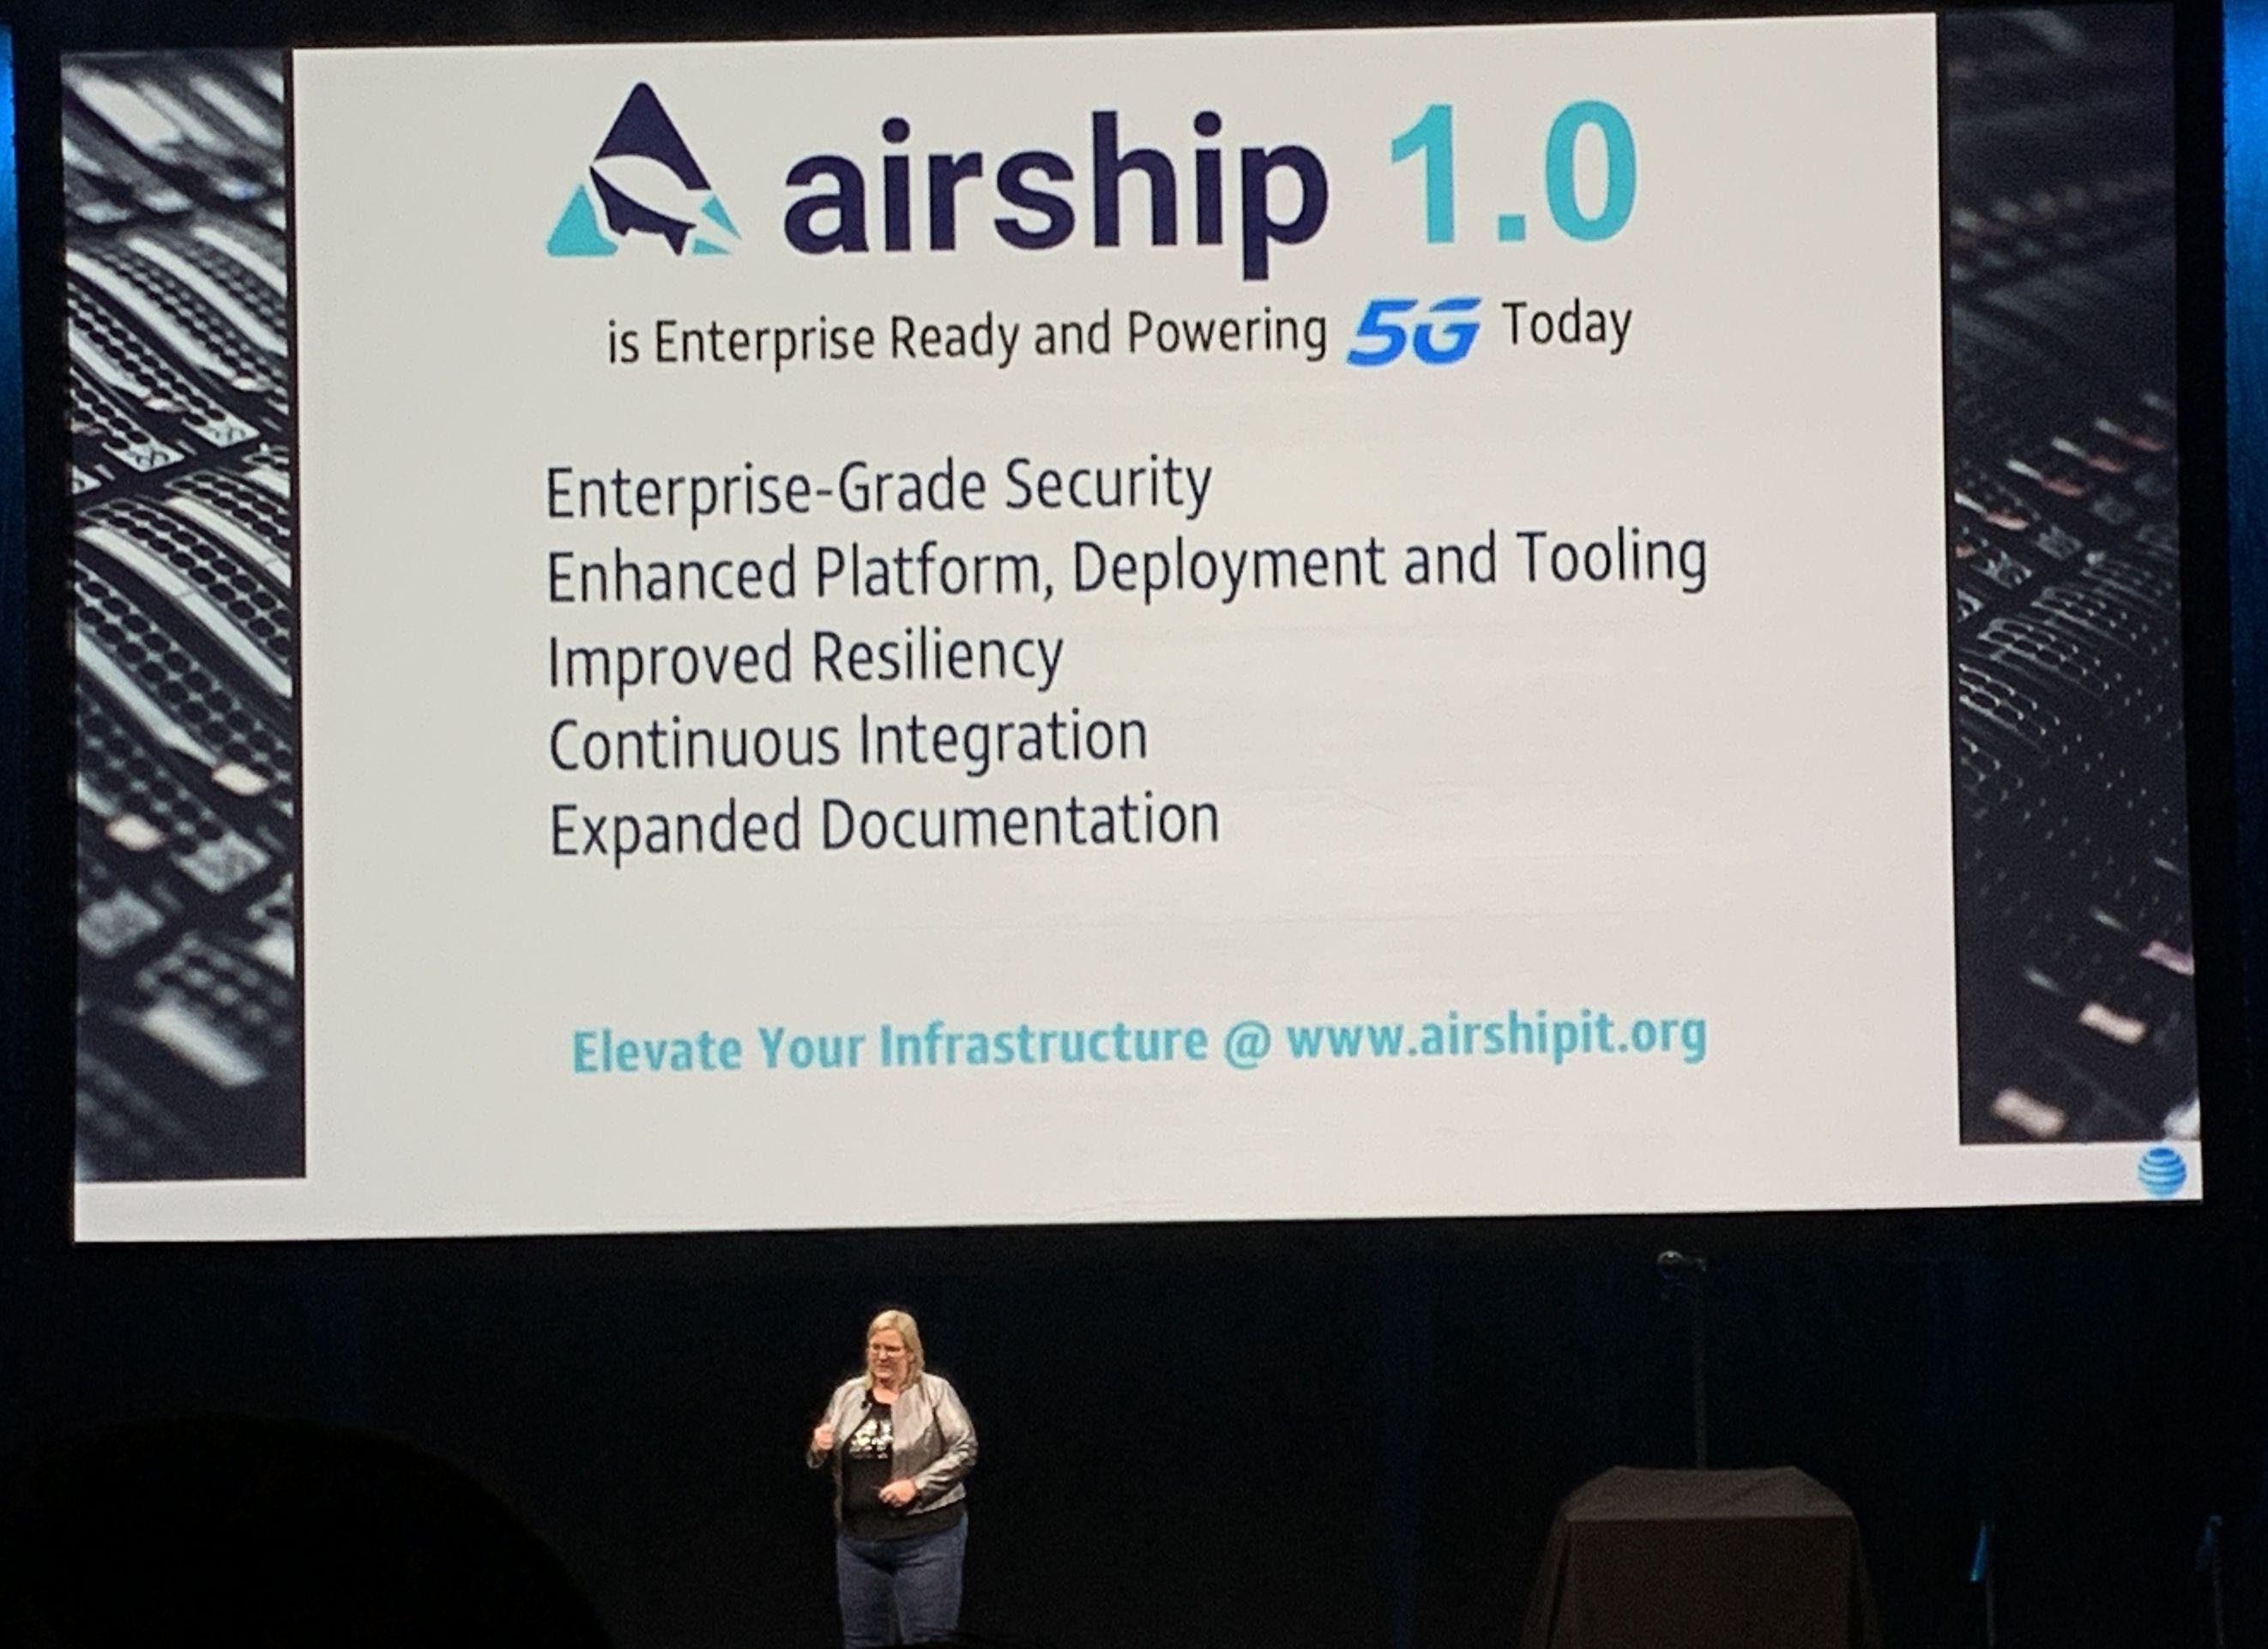 airship1.0